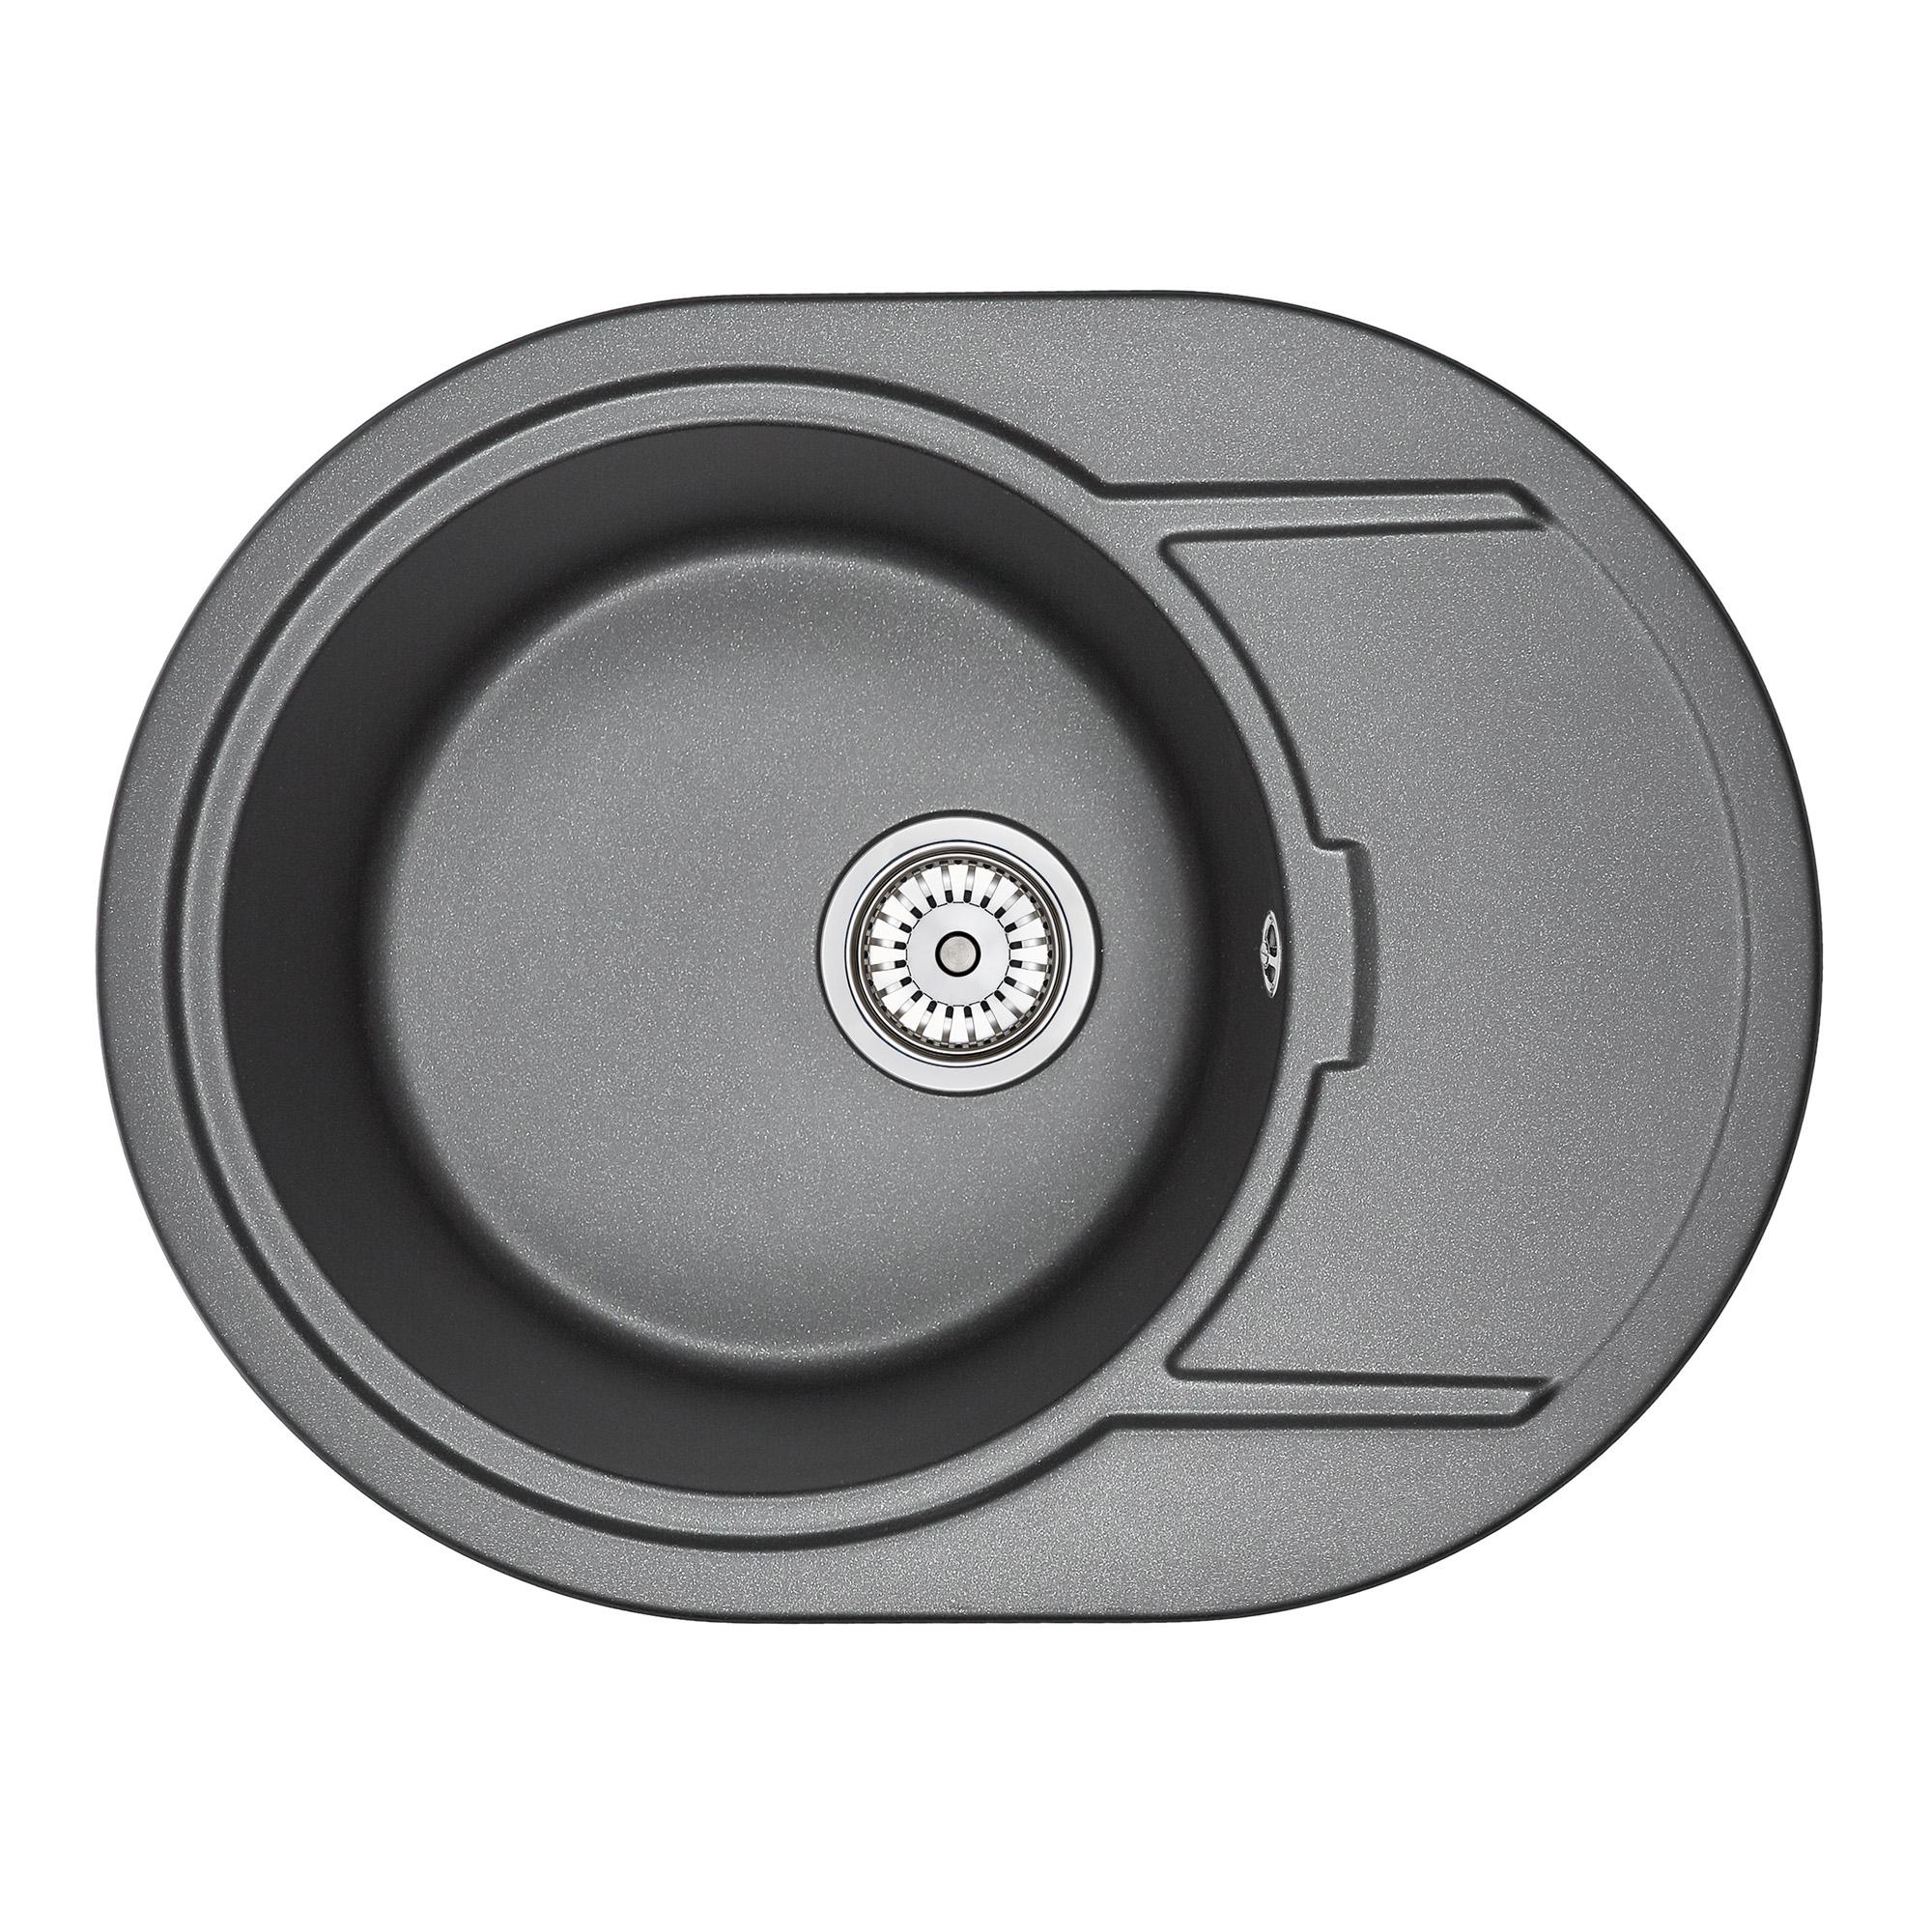 Кухонная мойка Granula GR-6502 650х500 шварц кухонная мойка teka centroval mic